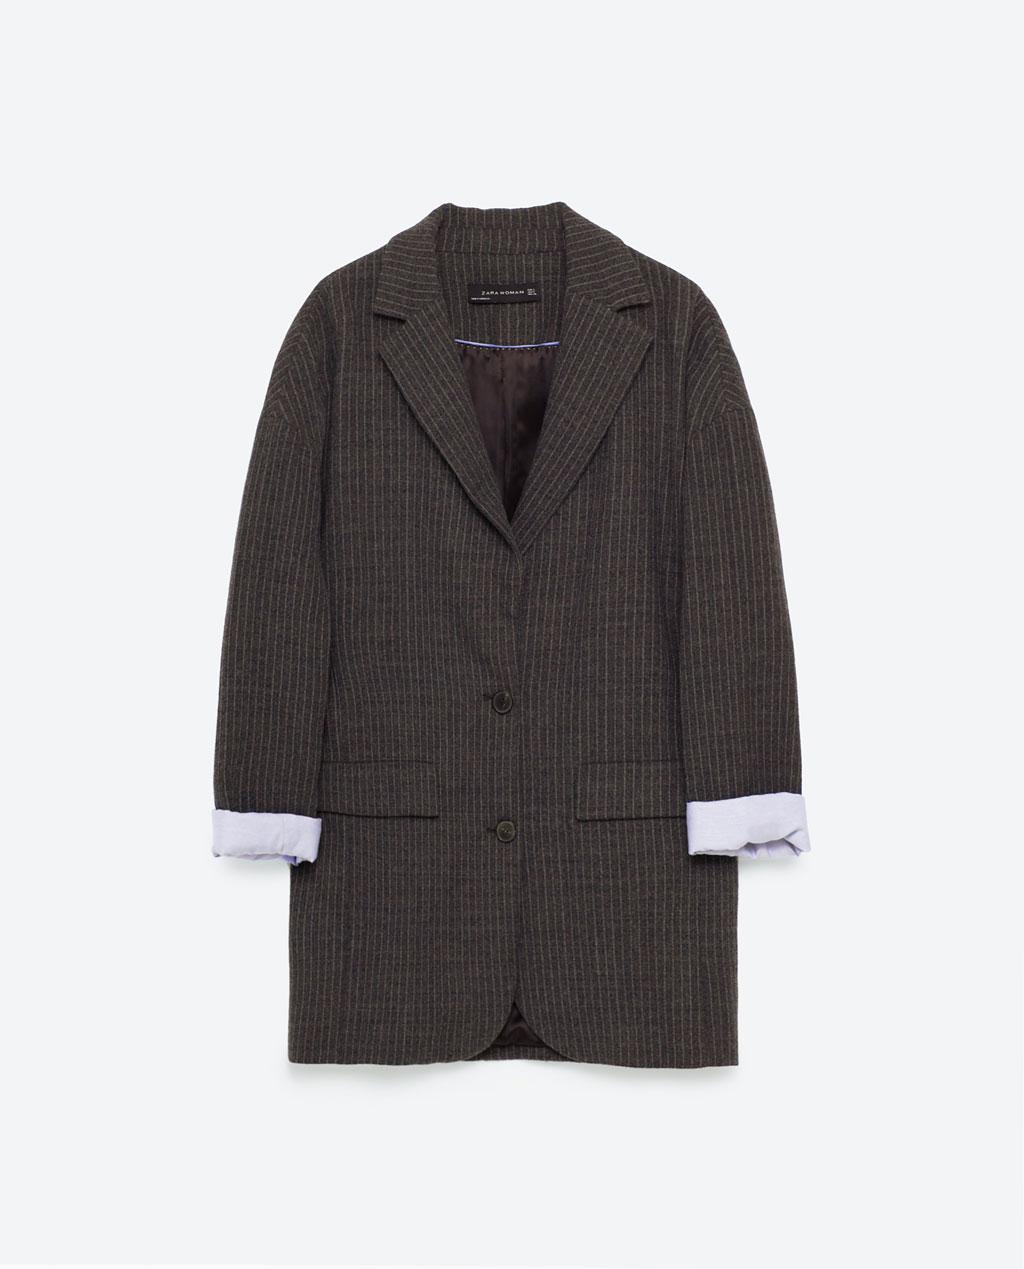 http://www.zara.com/us/en/sale/woman/blazers/pinstripe-jacket-c795025p4327514.html